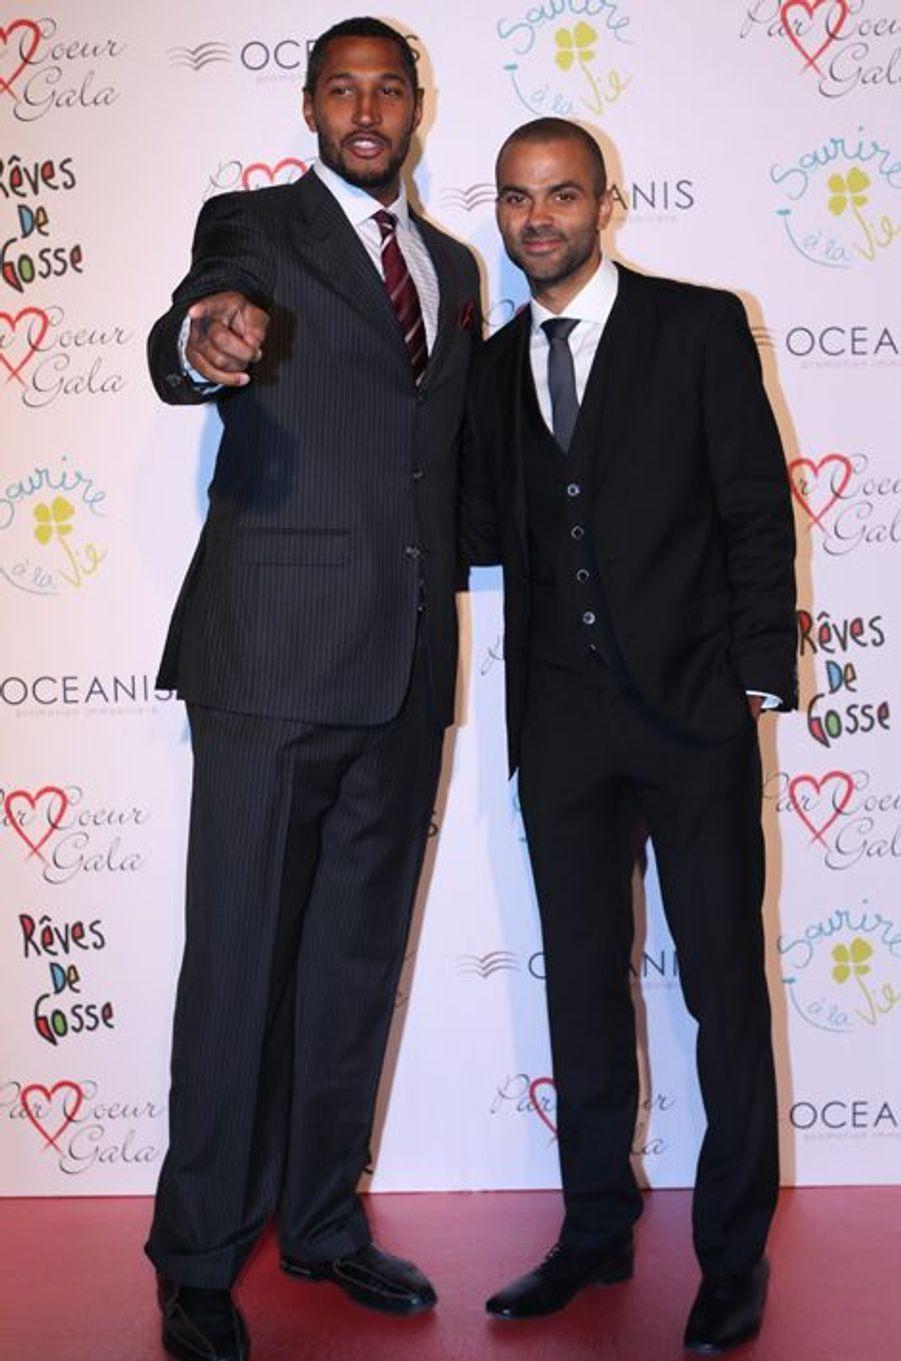 Tony Parker et Boris Diaw au 9ème «Parc Cœur Gala» à Lyon, le 25 septembre 2014.